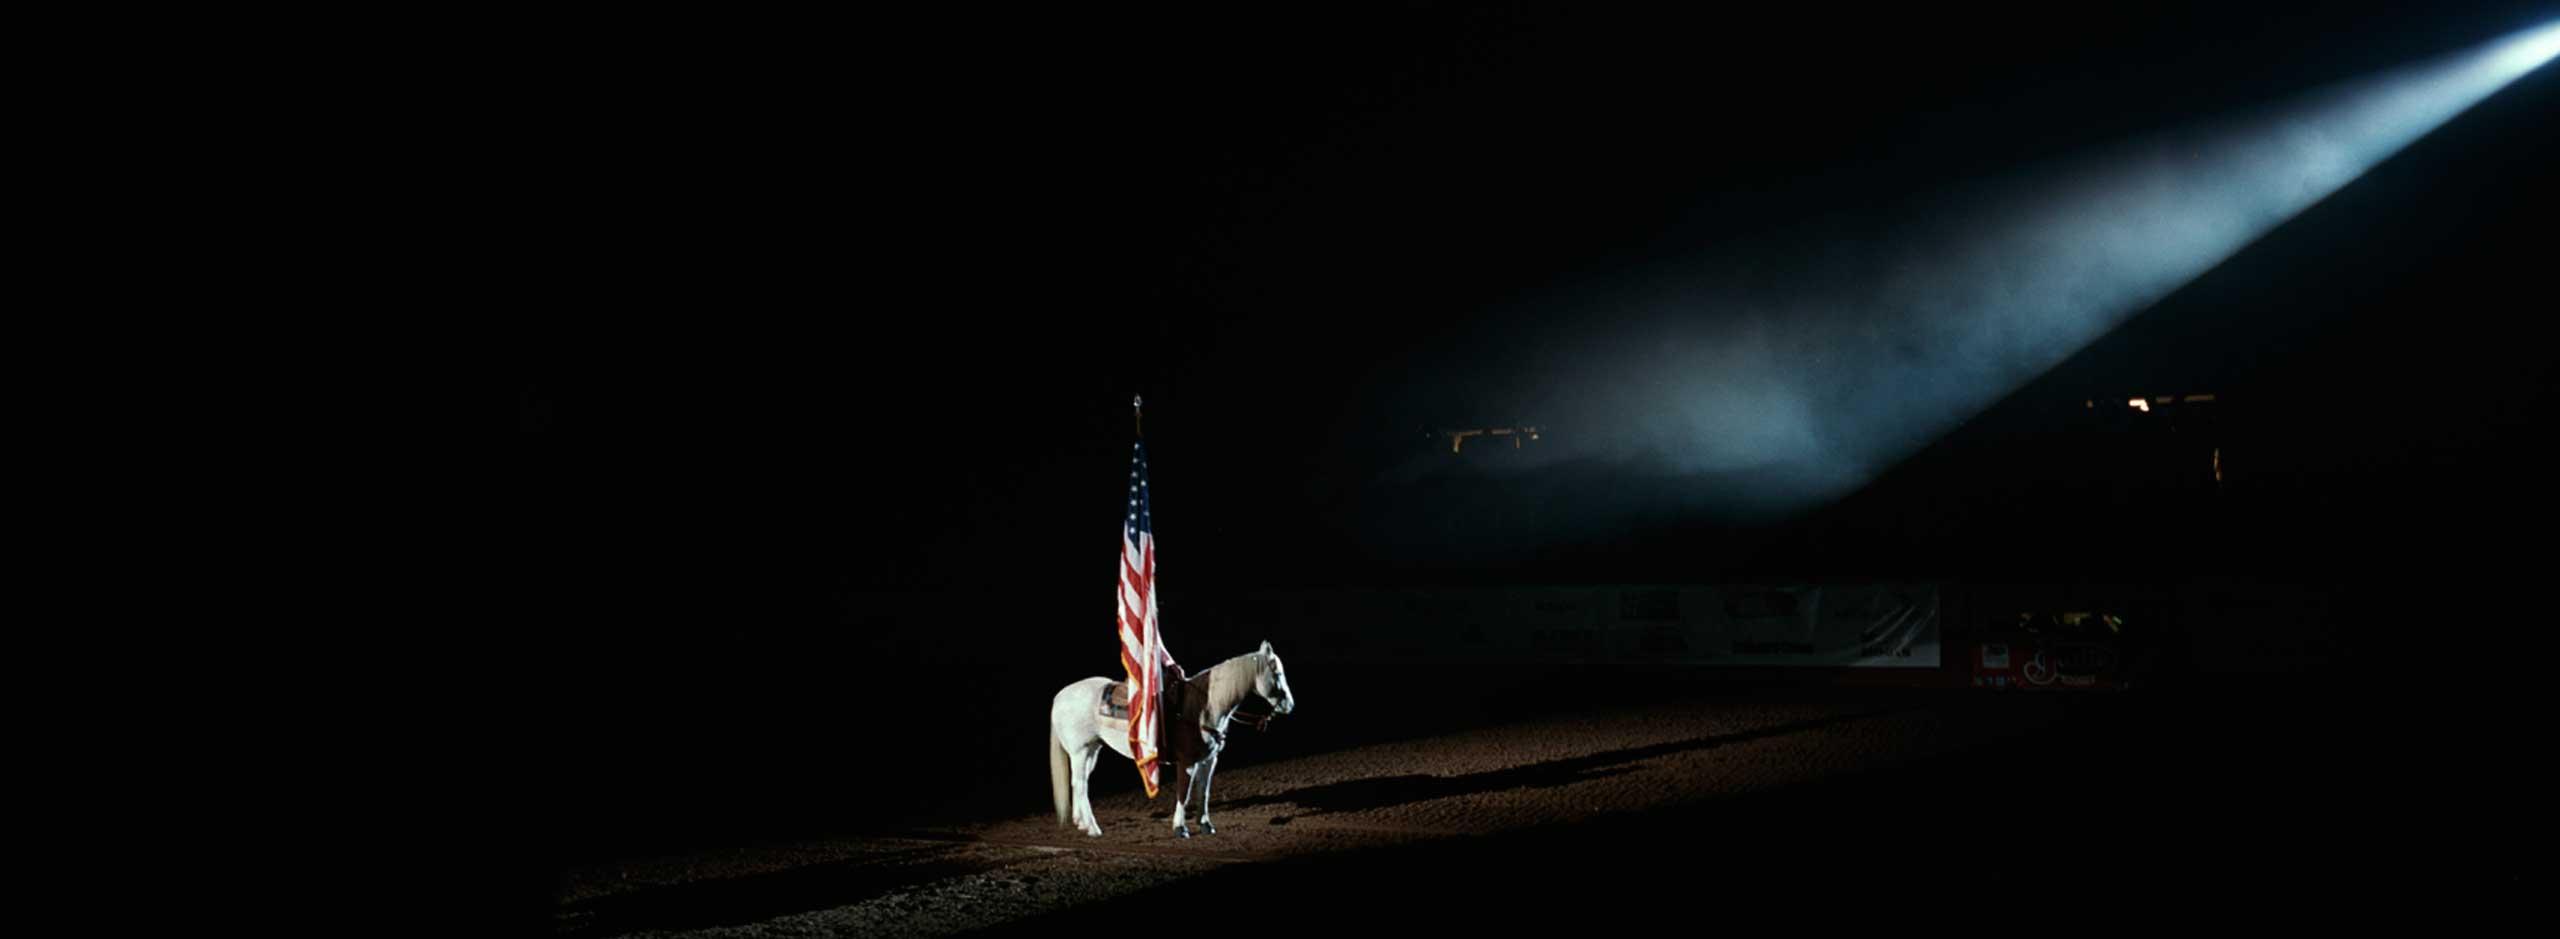 San Angelo Rodeo, San Angelo, Texas, 2013.